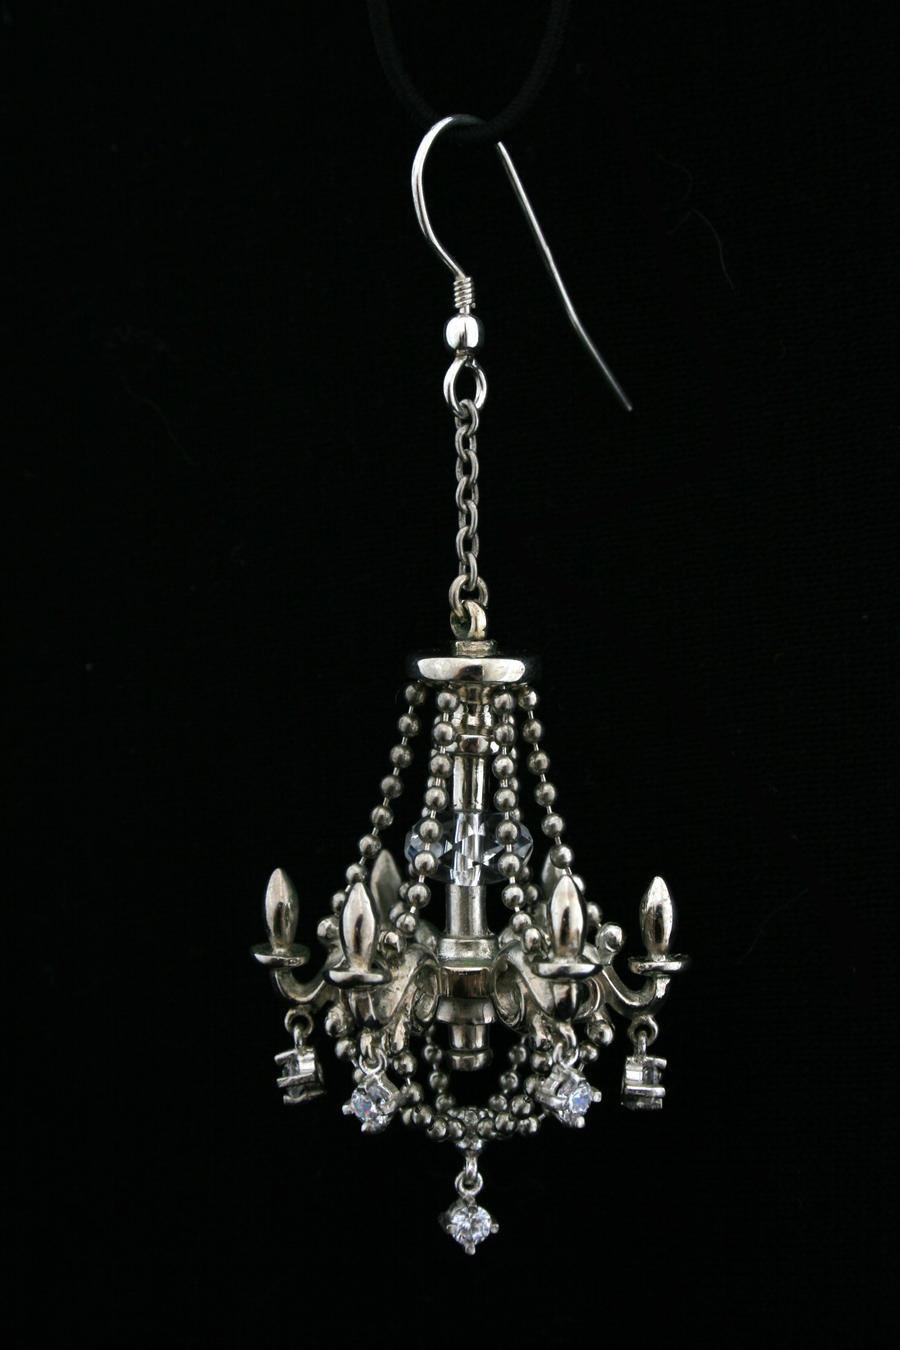 Chandelier Earring 1 By W L G On Deviantart